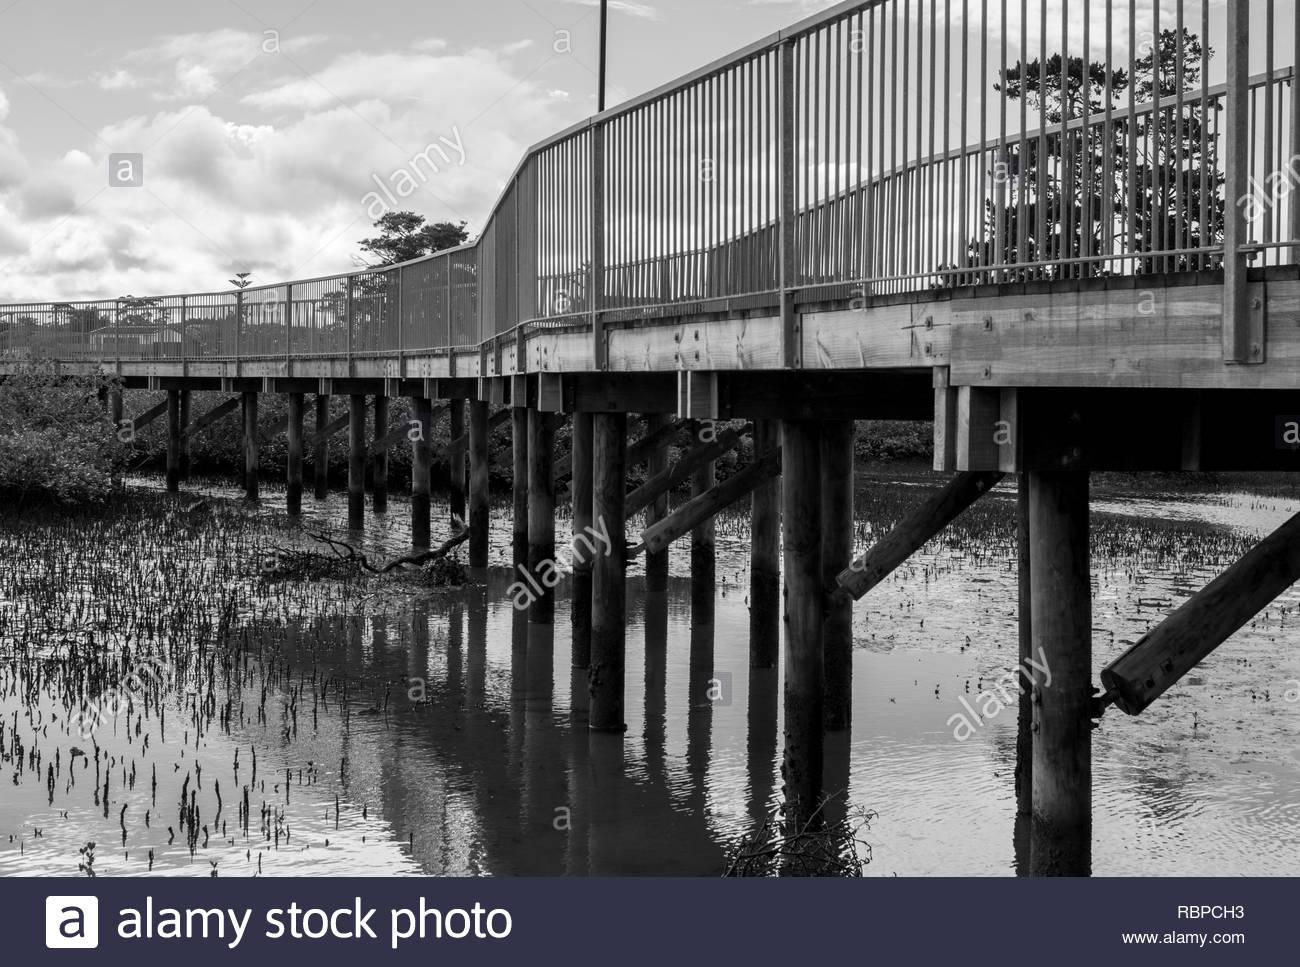 Walkway bridge in a park - Stock Image